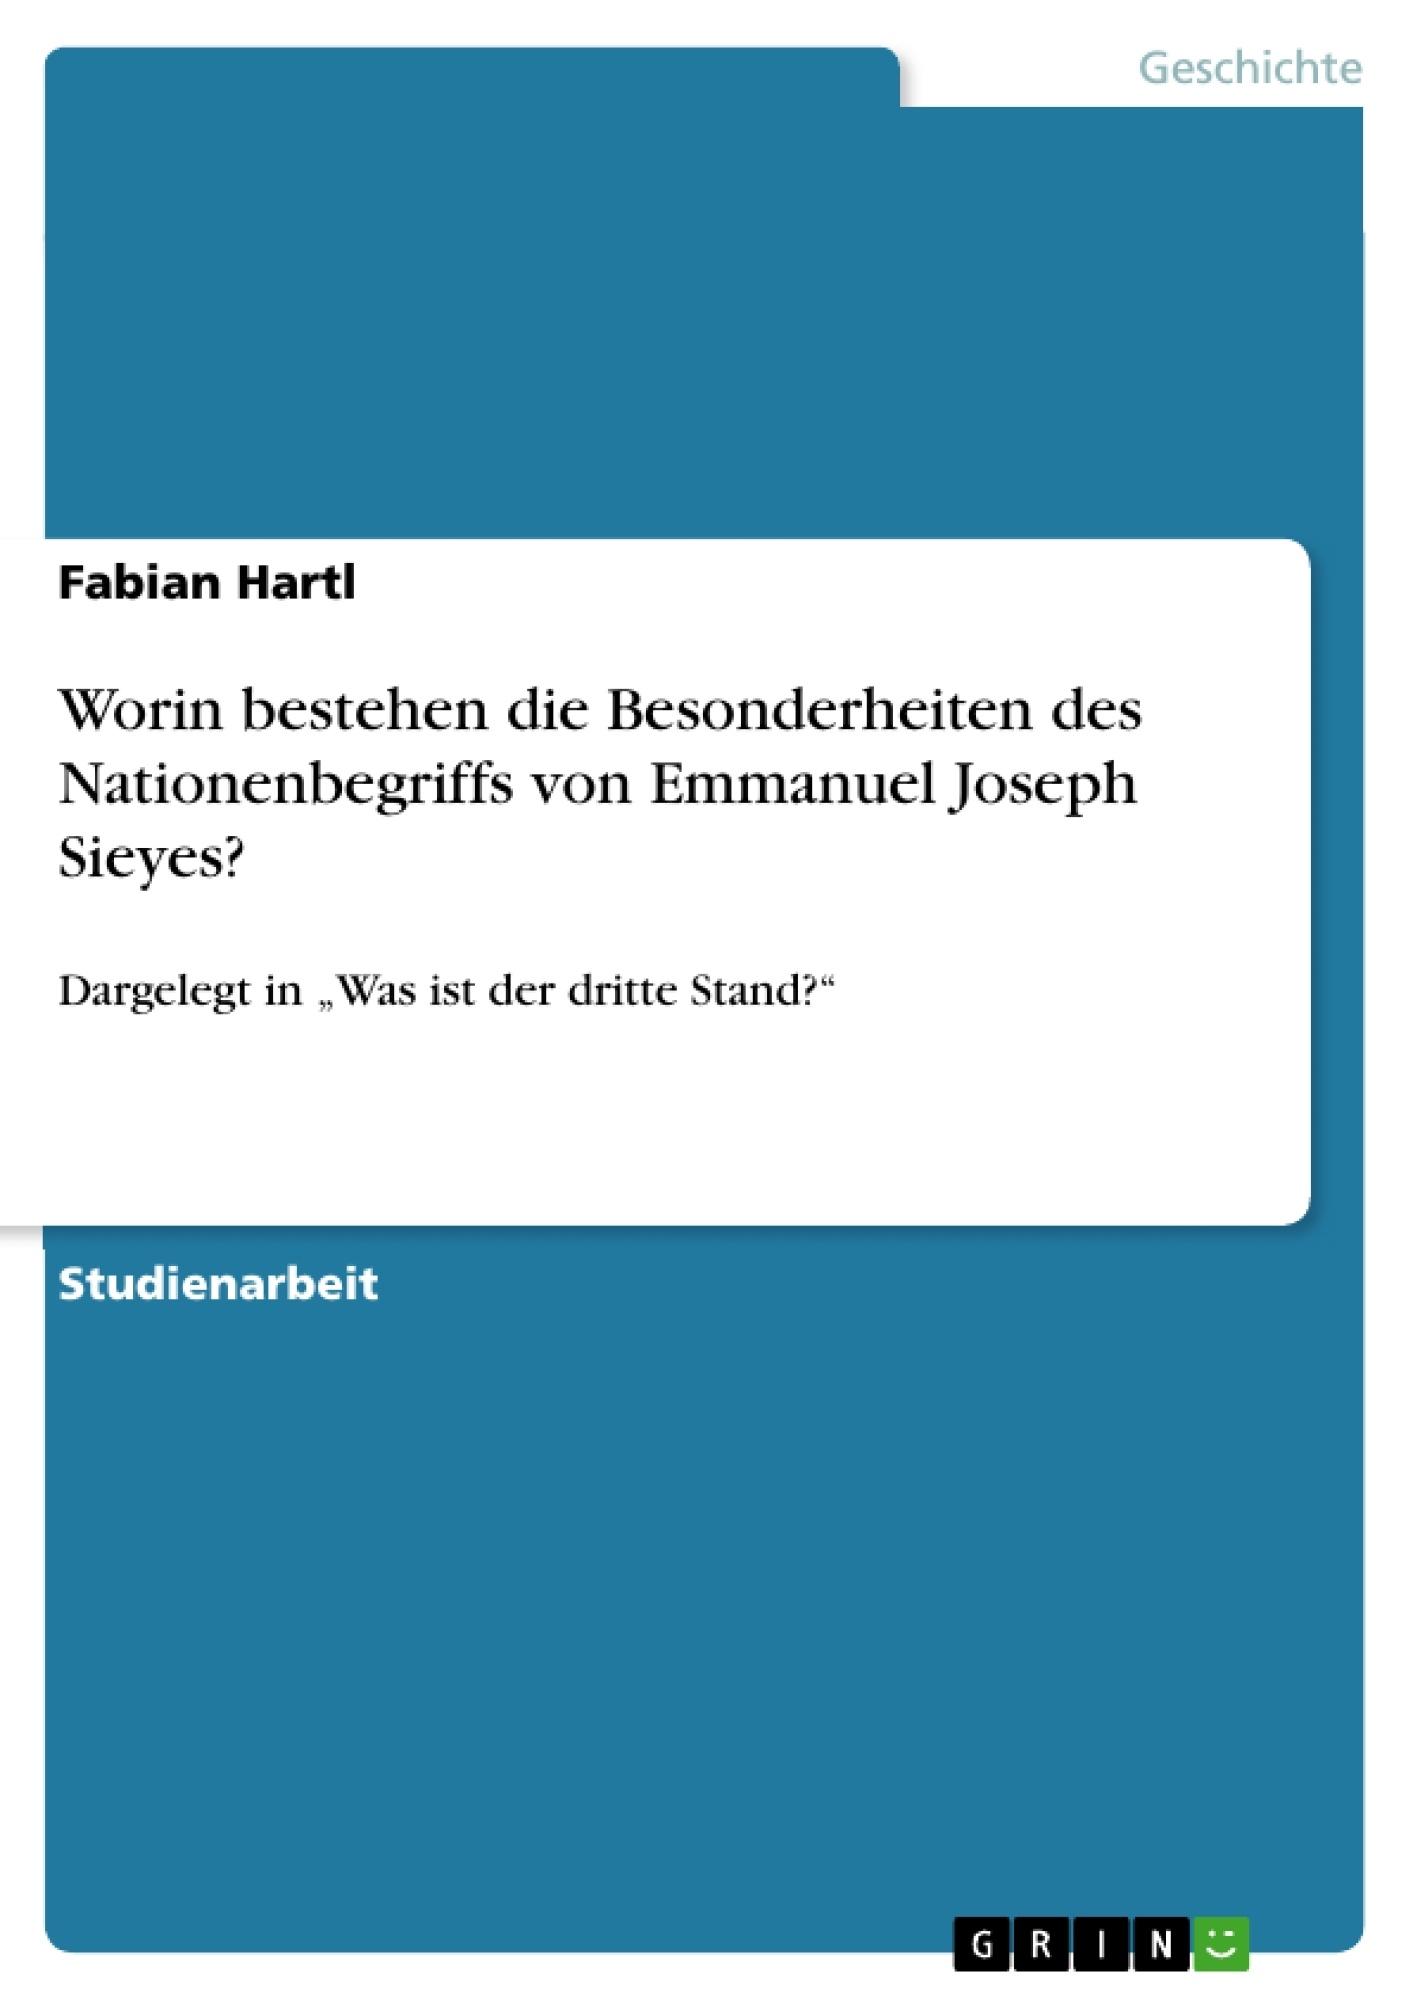 Titel: Worin bestehen die Besonderheiten des Nationenbegriffs von Emmanuel Joseph Sieyes?